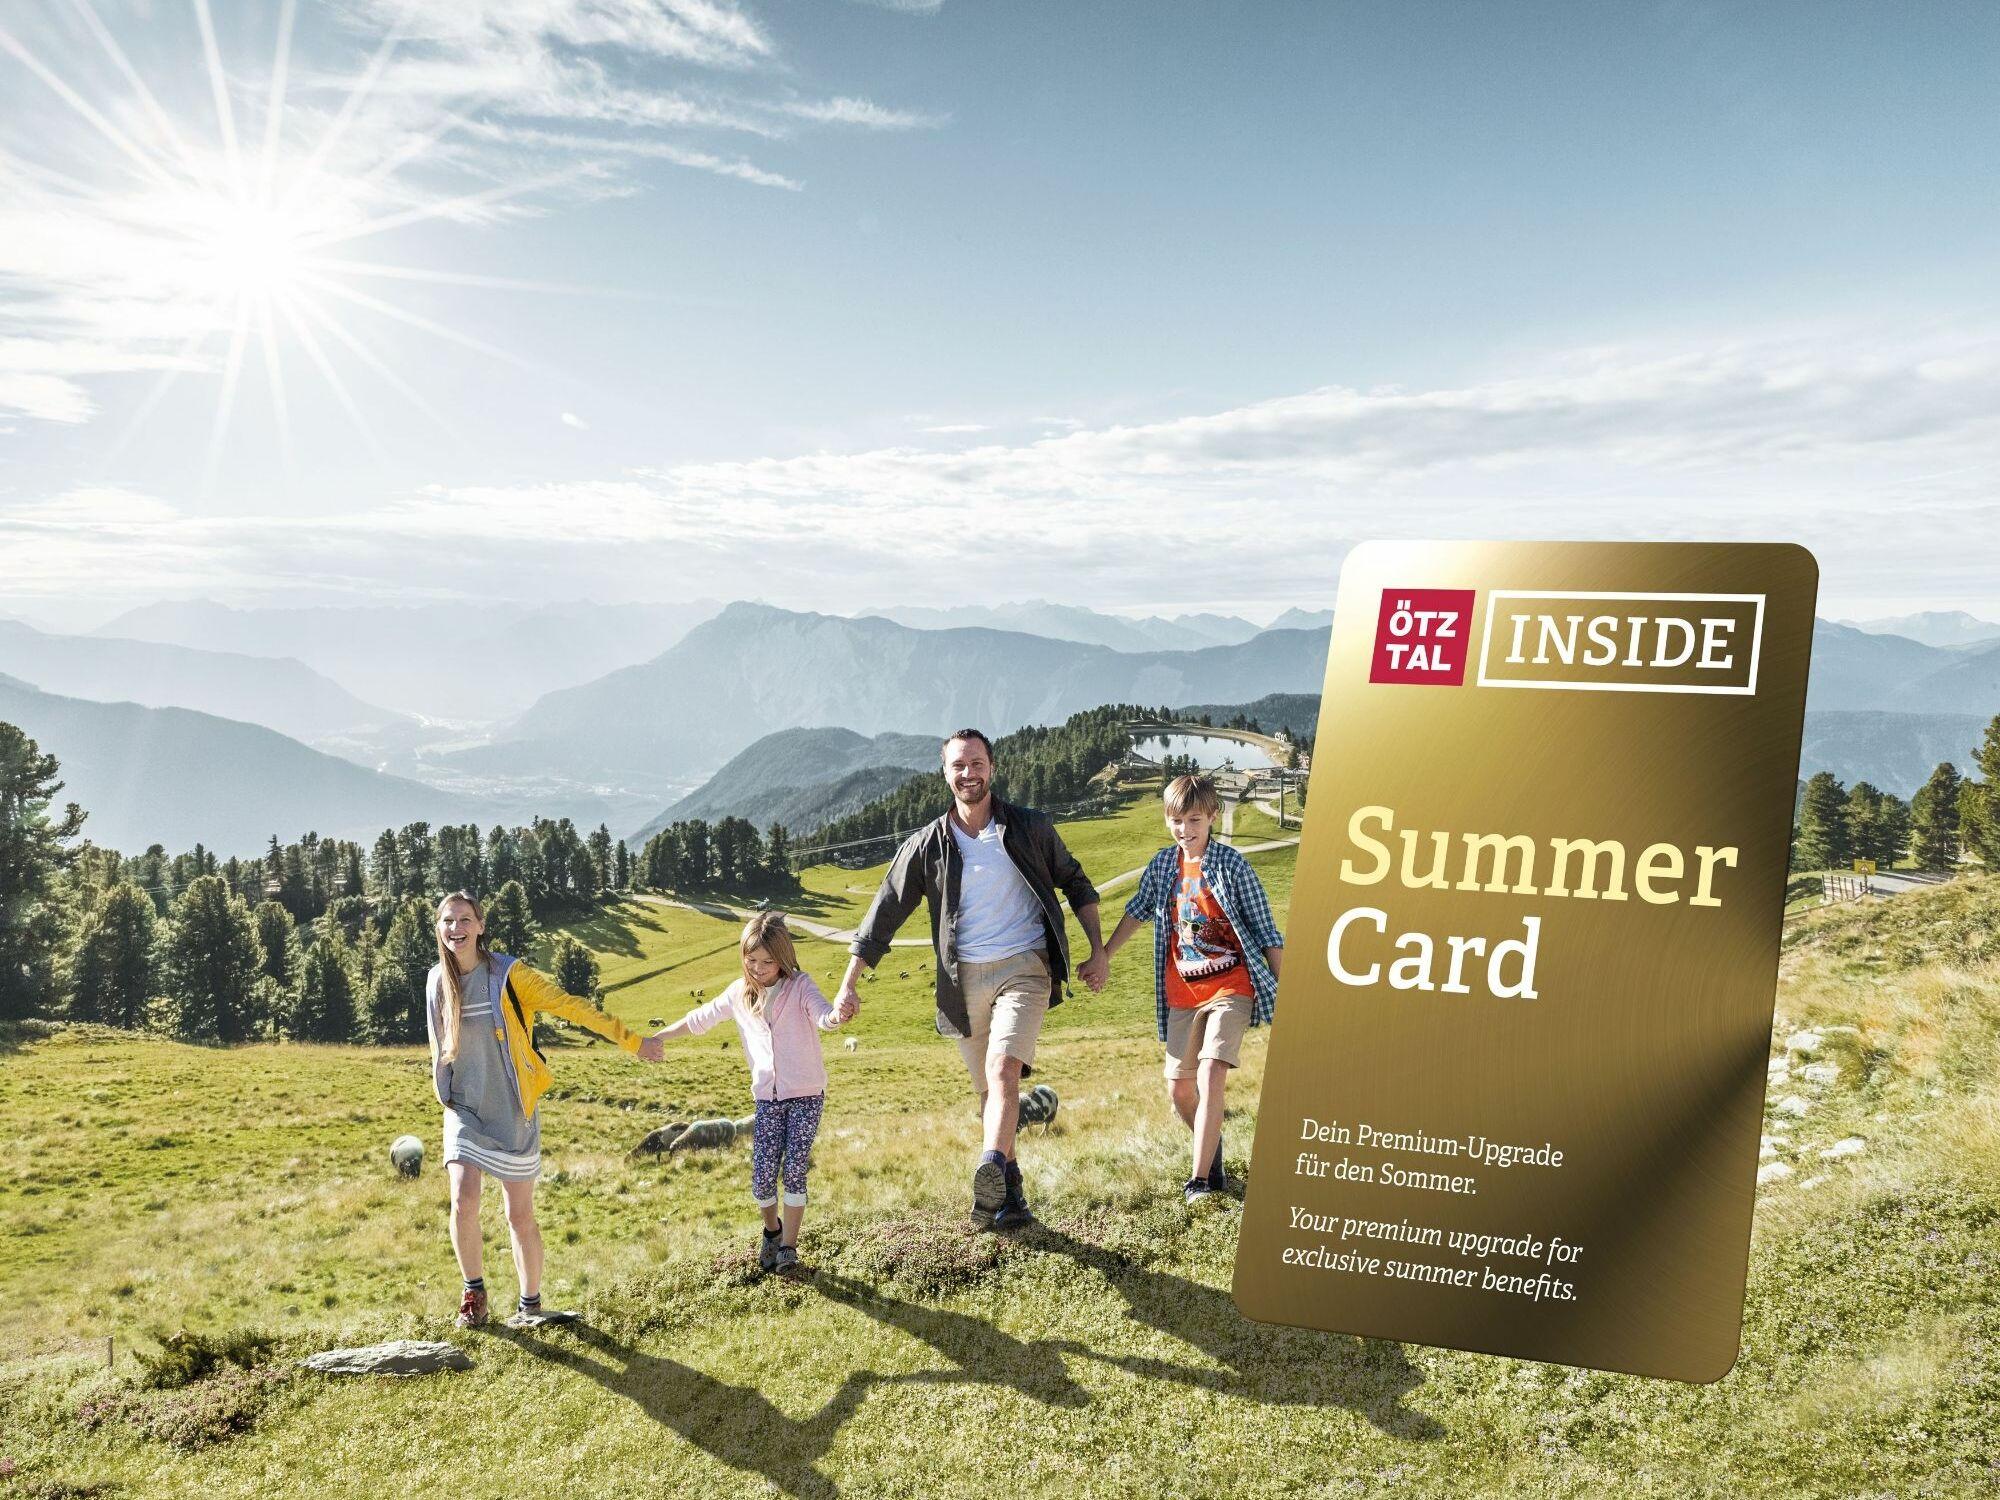 Ötztal Inside Summercard mit einer Familie im Hinterdrund